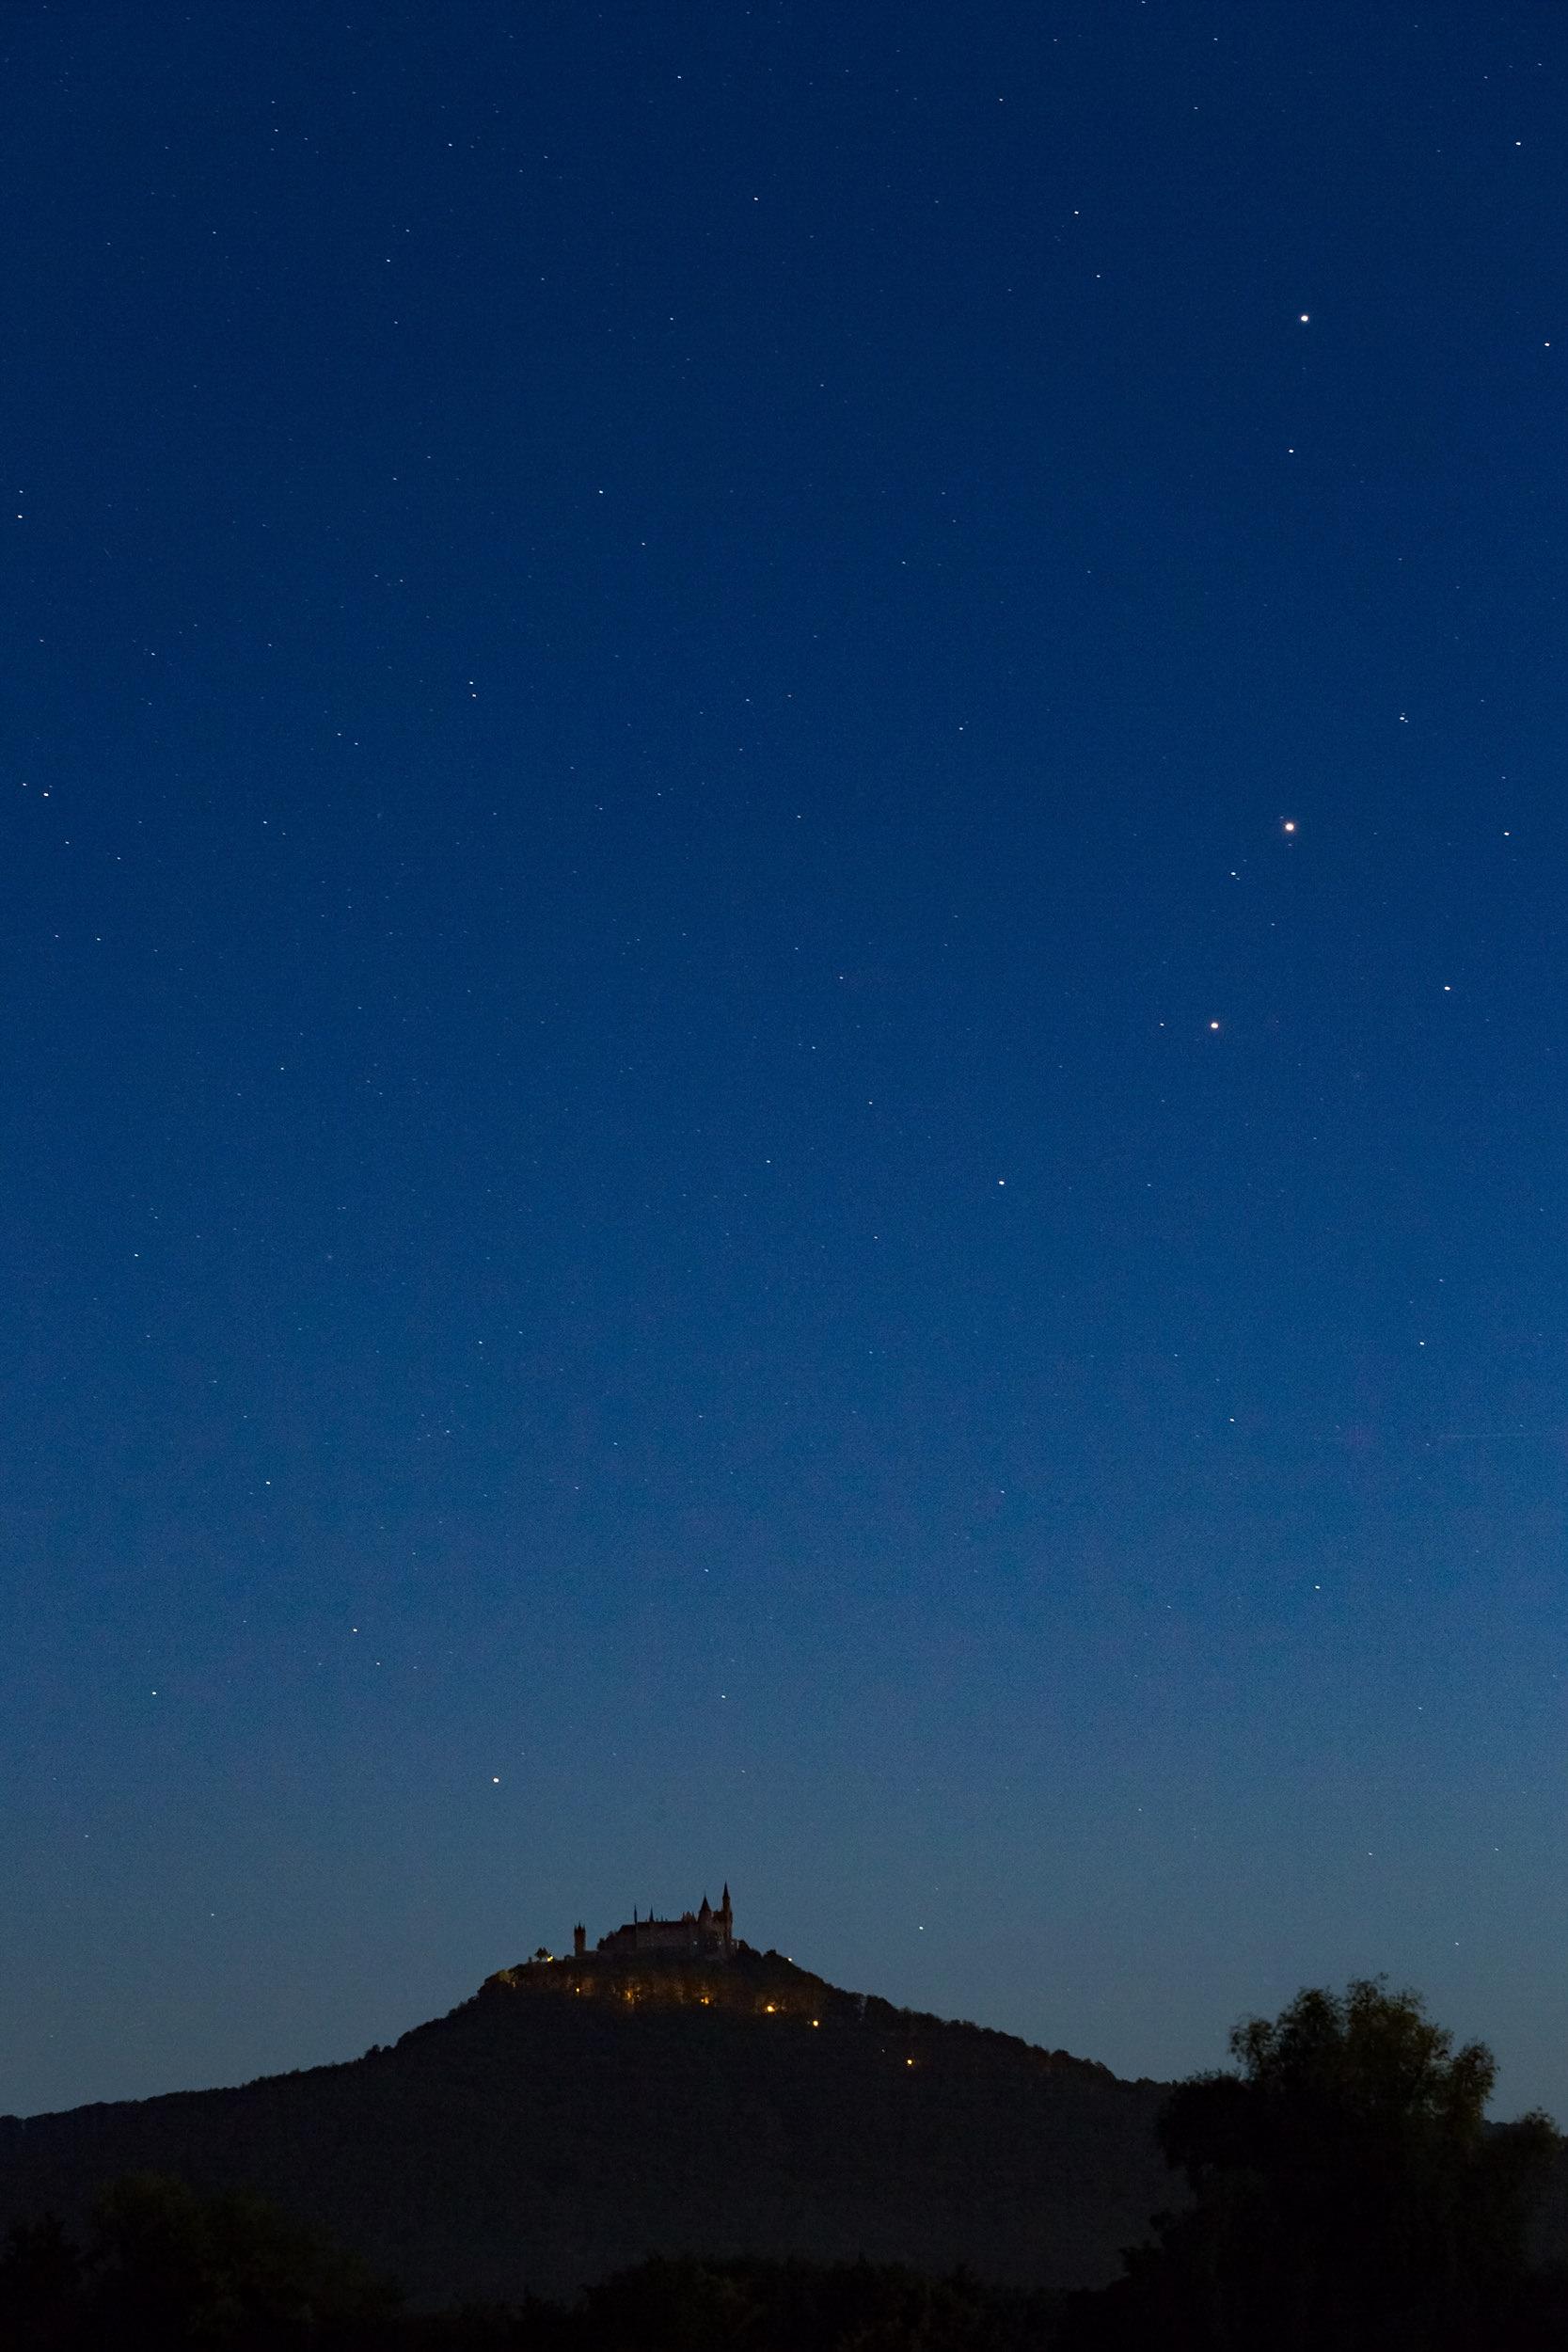 Die Burg Hohenzollern bei Hechingen zur Blauen Stunde mit den ersten Sternen.